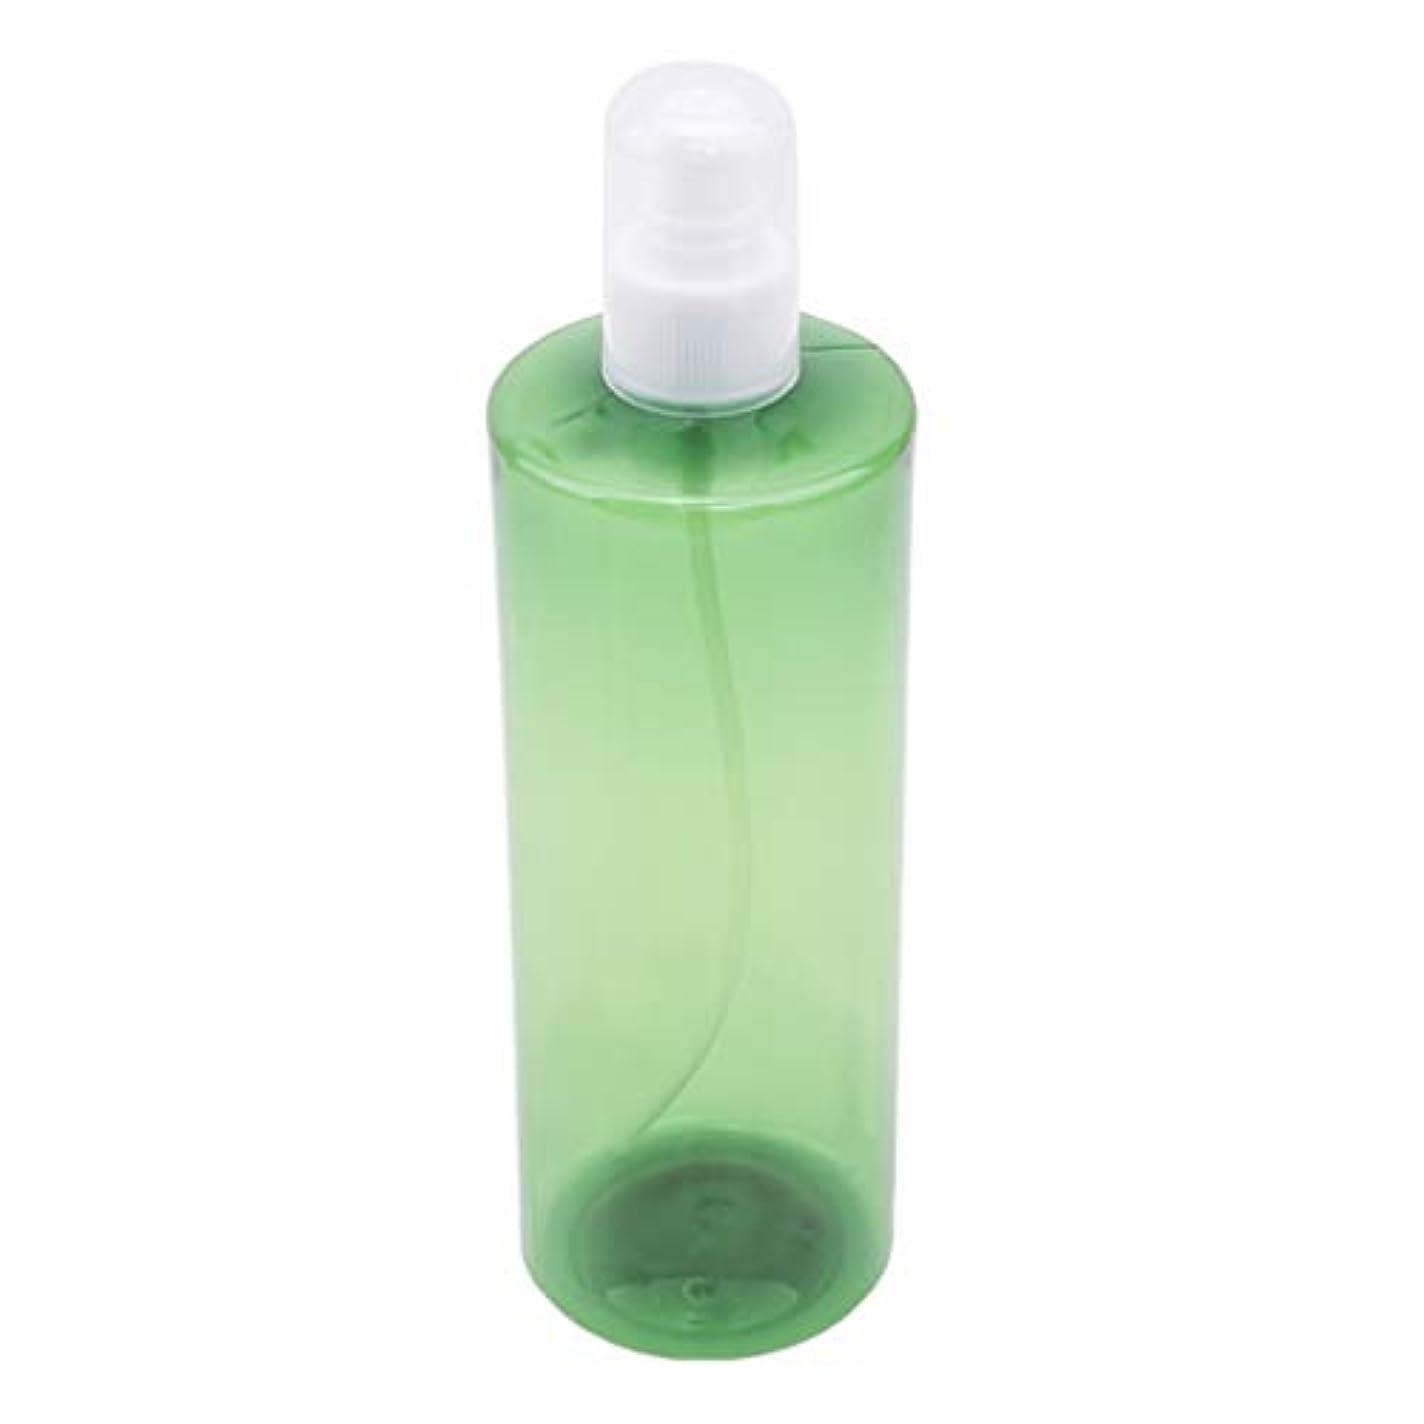 適合しましたシソーラス外部MARUIKAO ローションボトル プラスチックボトル コスメ用詰替え容器 プラスチック 化粧液容器 化粧品サブボトル サンプルボトル ポンプ付き 500ml